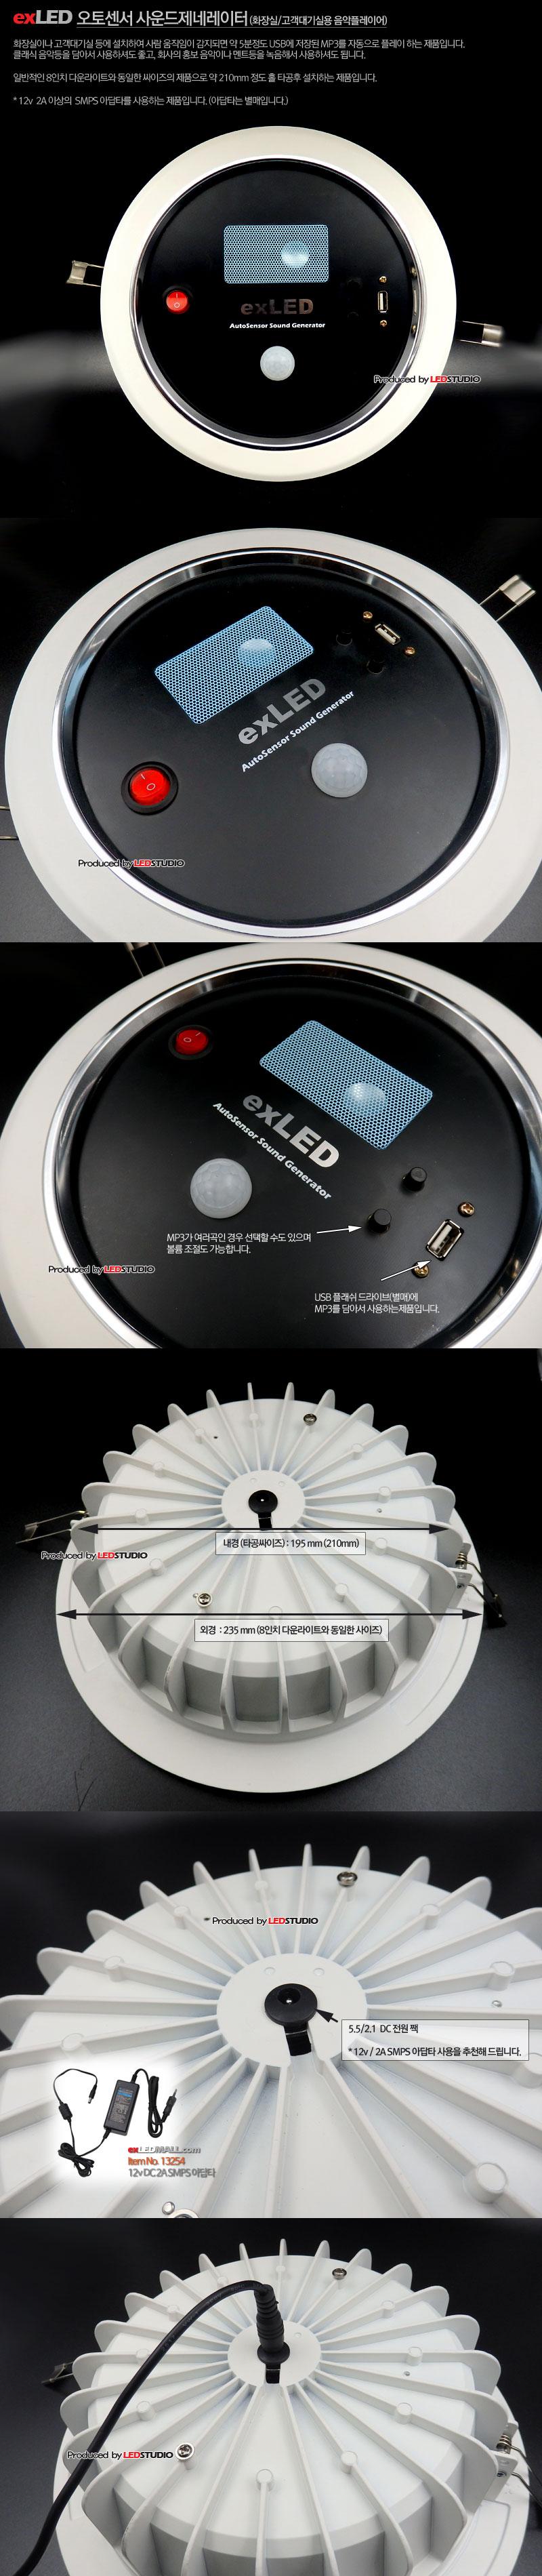 exLED 오토센서 사운드제네레이터 (화장실/고객대기실용 음악플레이어)